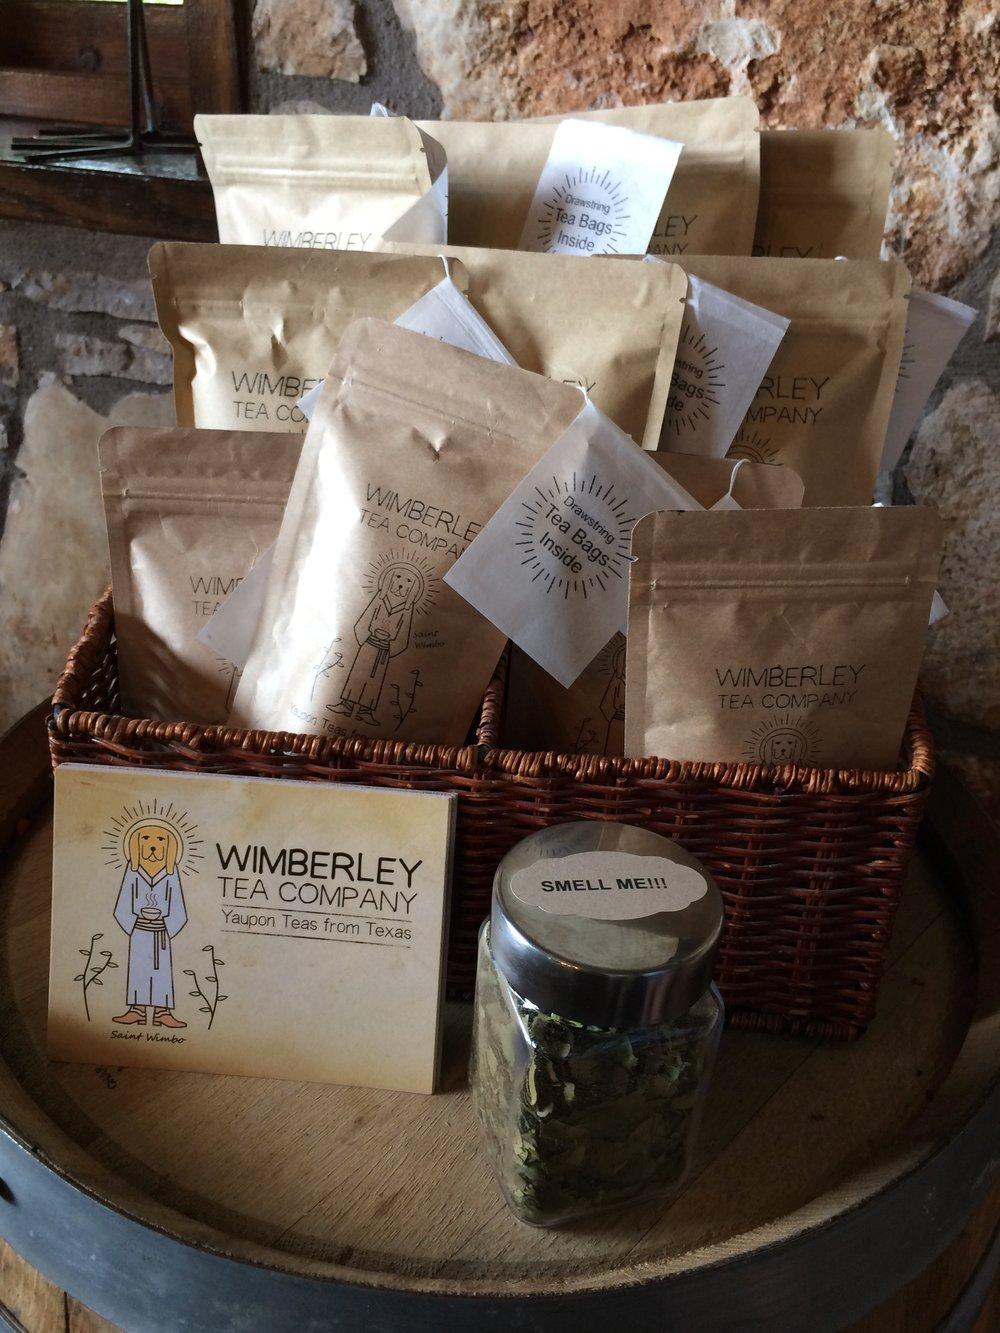 Wimberley_Tea_Company_Yaupon_Tea_for_sale_at_Salt_Lick_Cellars